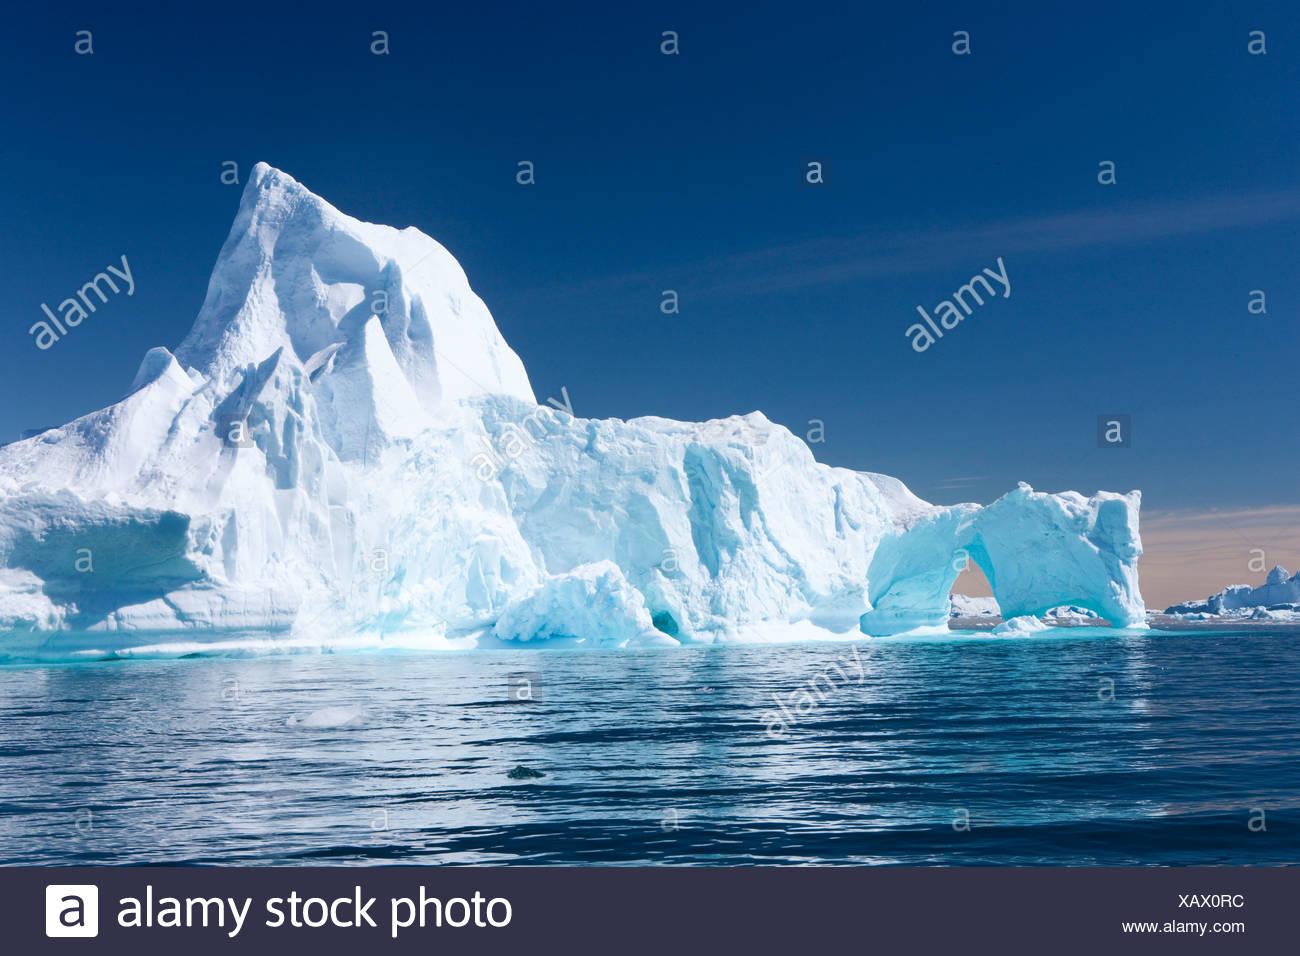 Les icebergs, le Groenland, l'Est du Groenland, de la glace, de l'iceberg, Tassiilaq, nature, formation, groupe, blanc, bleu, froid, Photo Stock